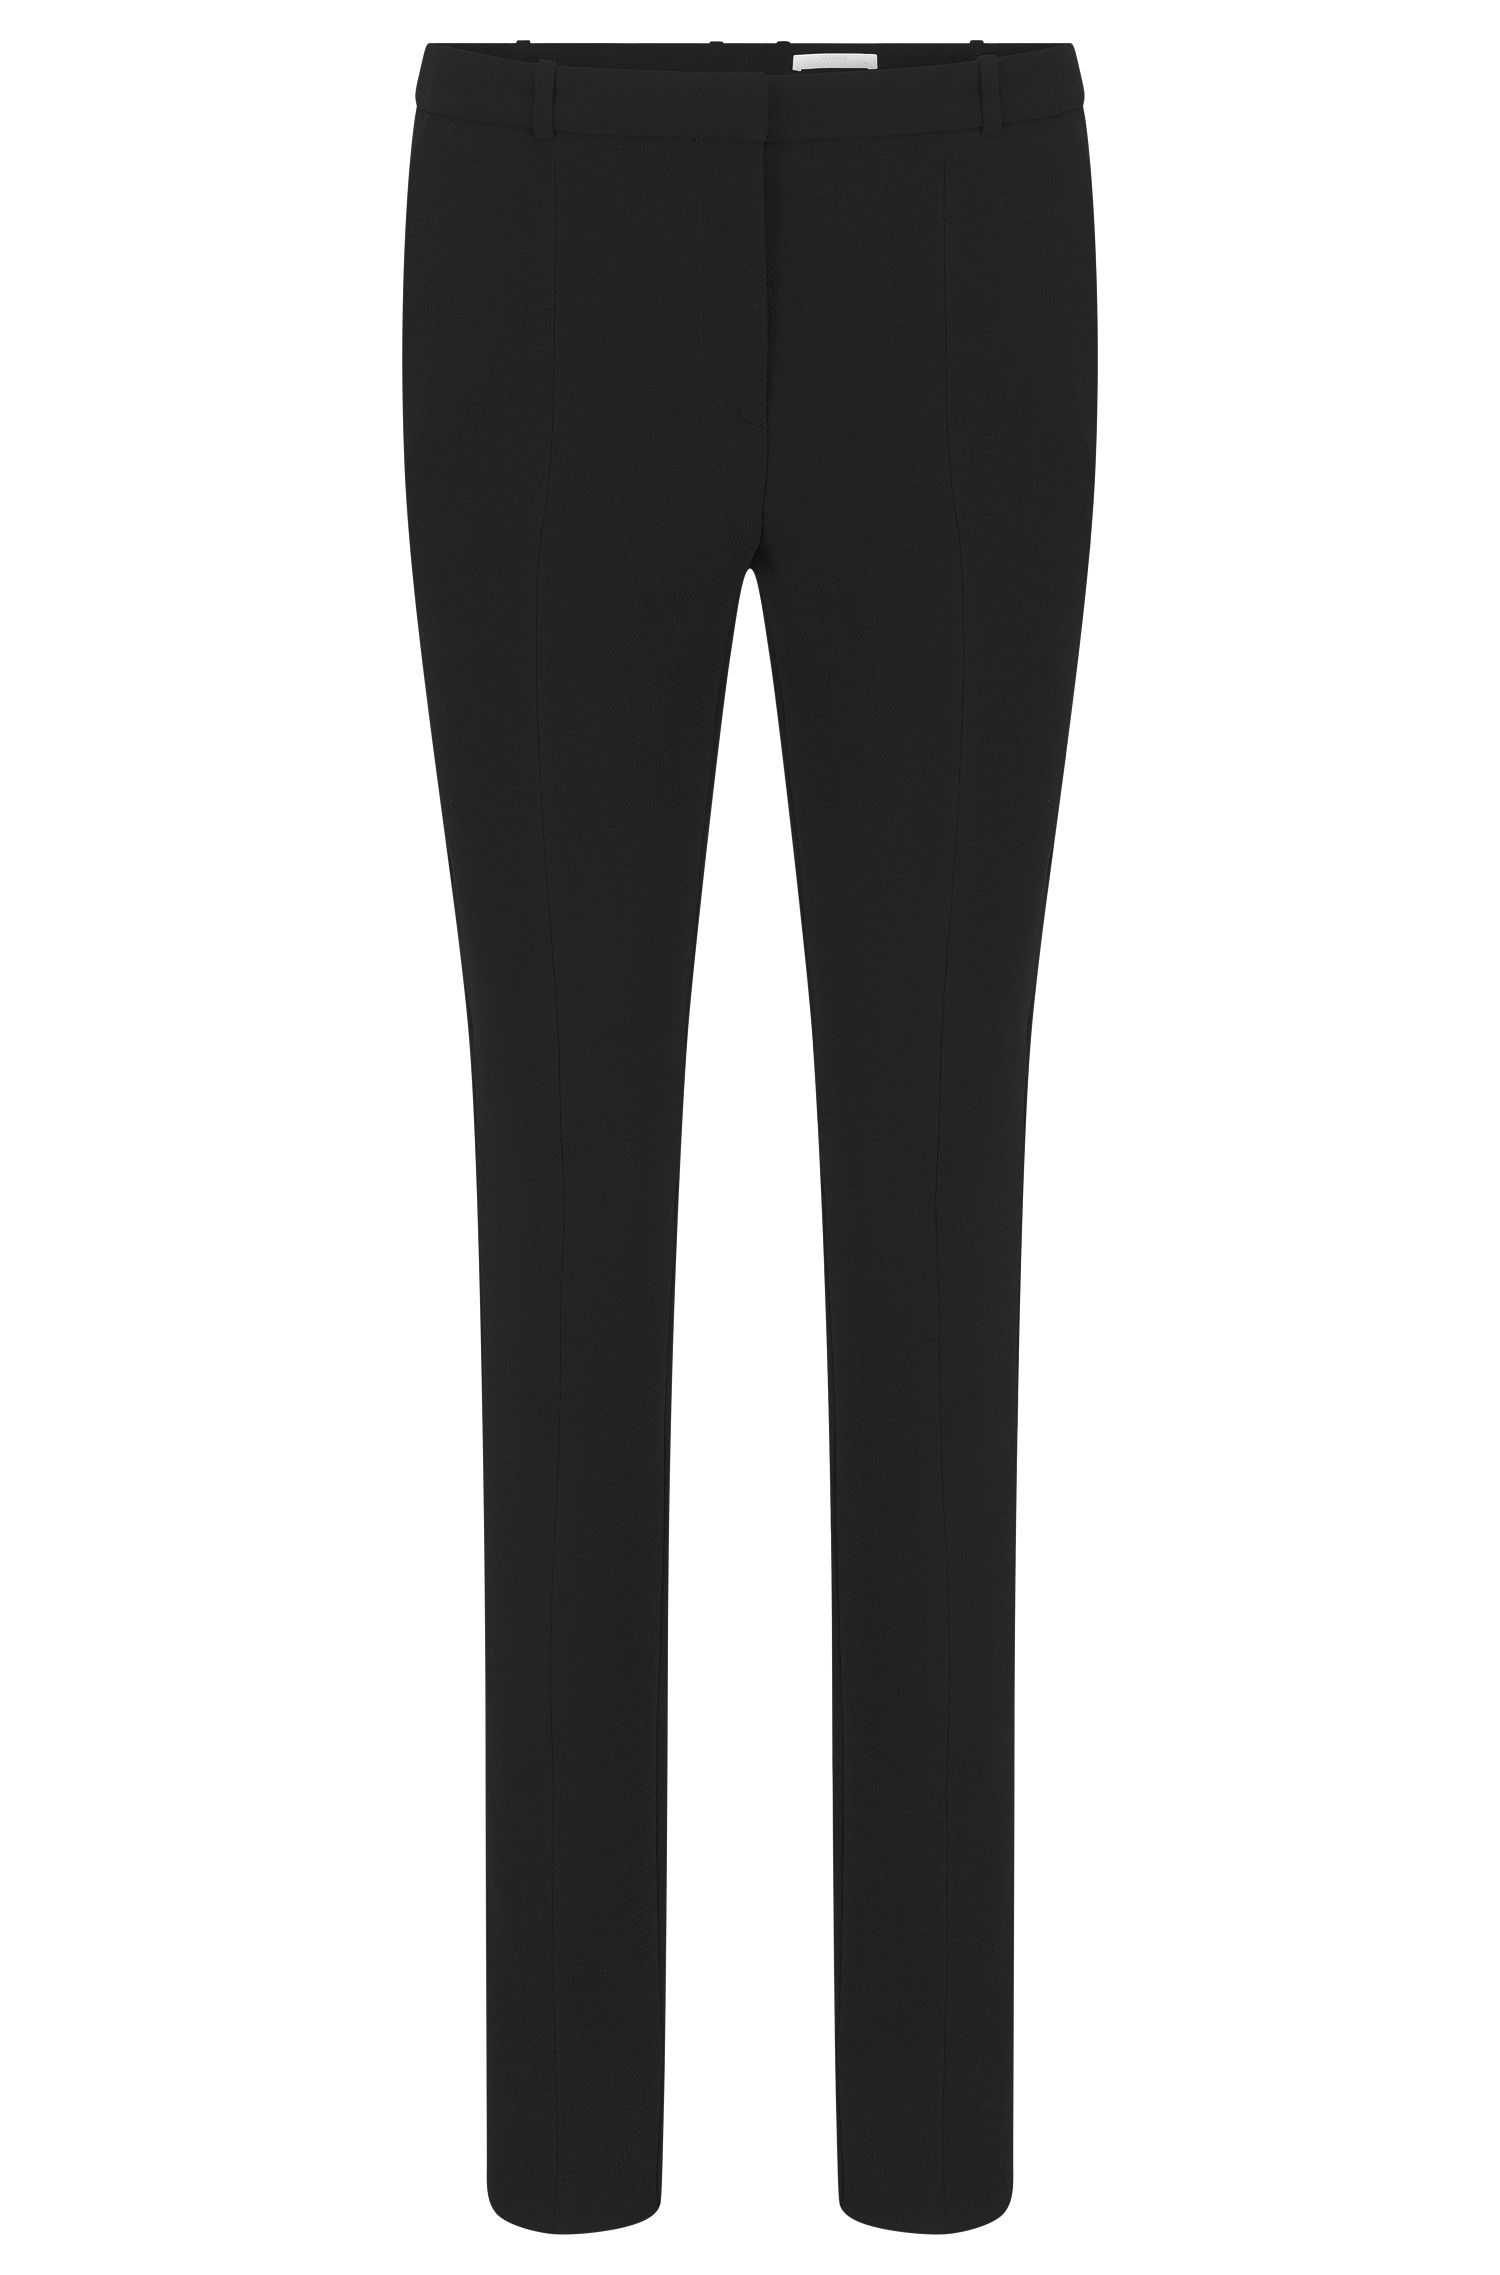 'Atestelito' | Crepe Pants